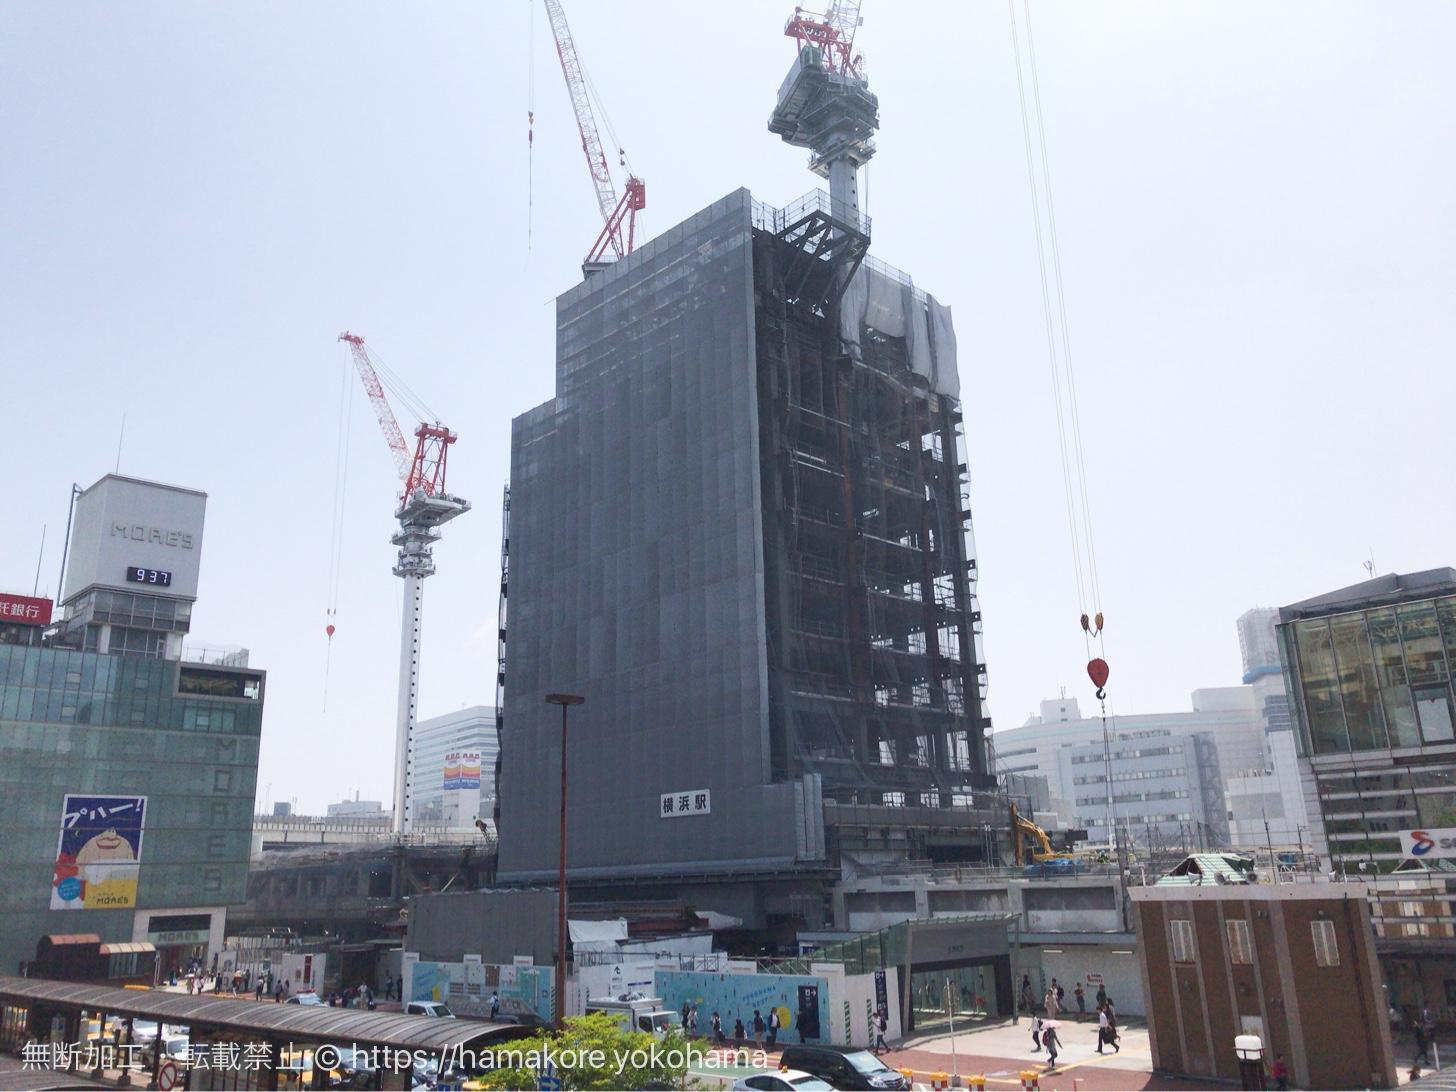 2017年7月 横浜駅西口 駅ビル完成までの様子 [写真掲載]